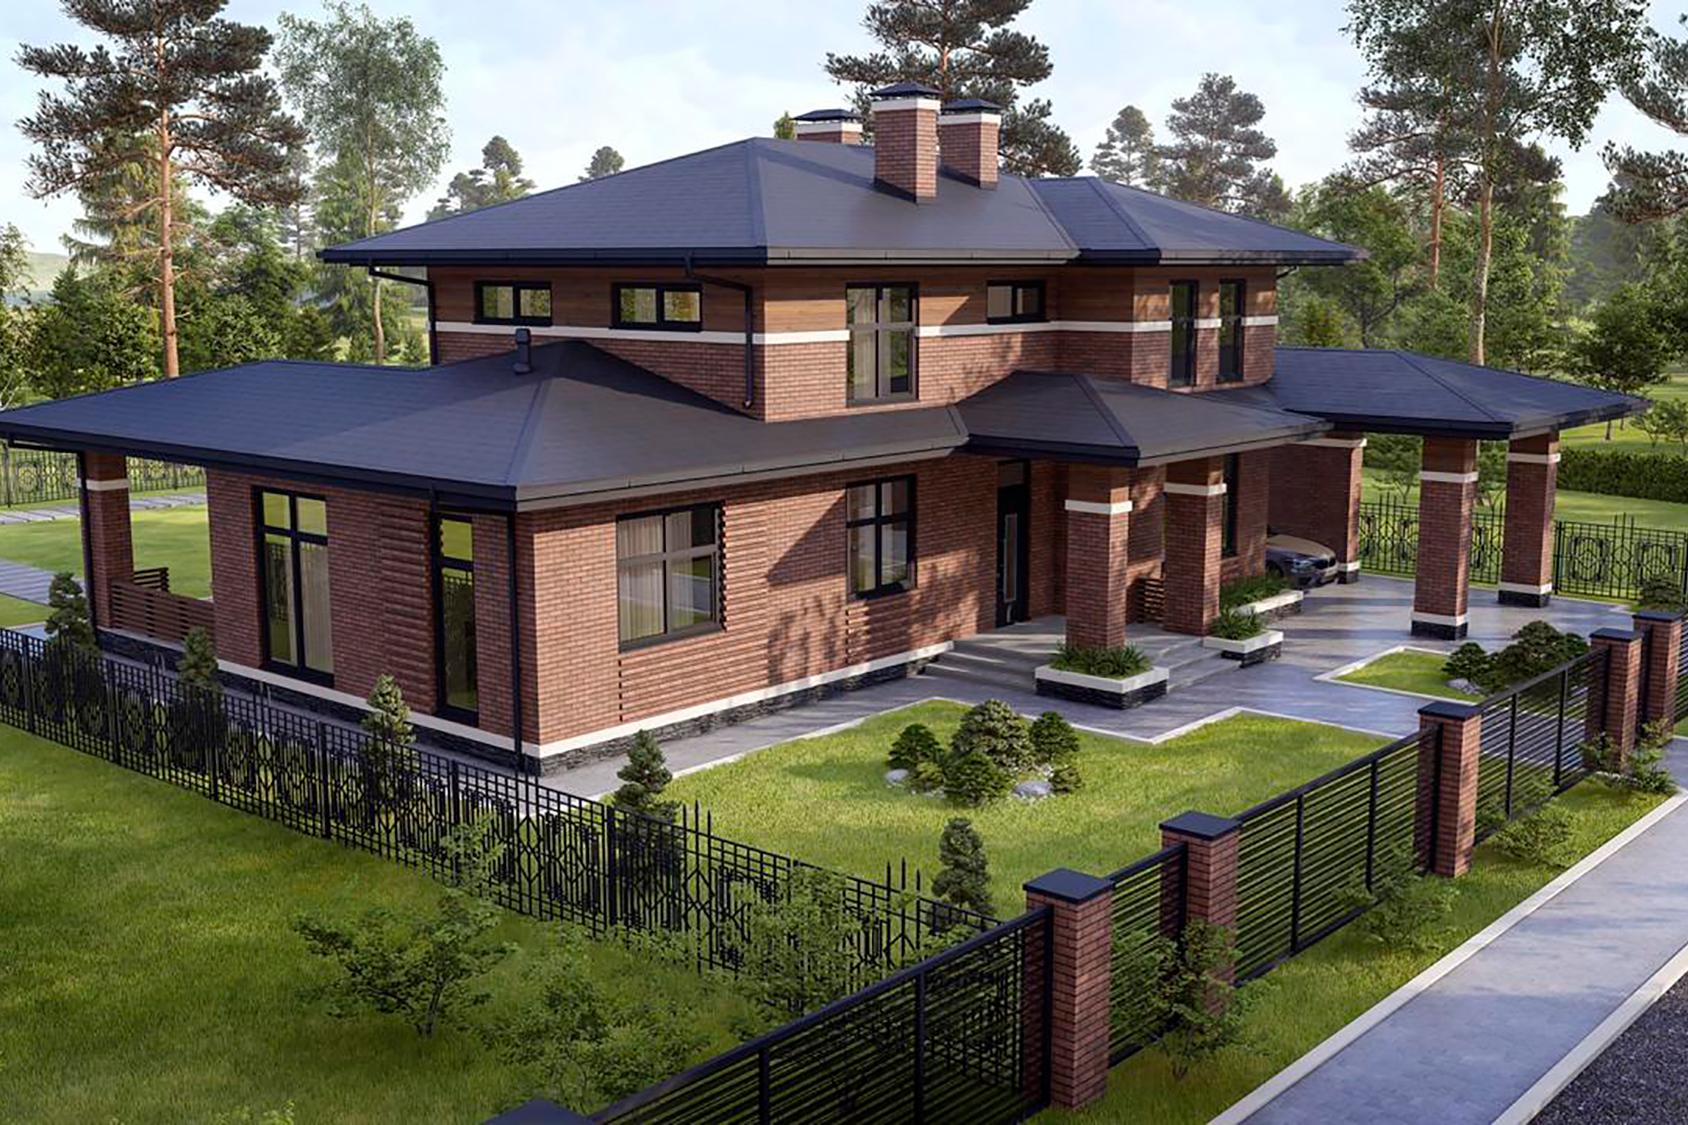 3Д-визуализация будущего дома. Надеюсь, таким он и будет